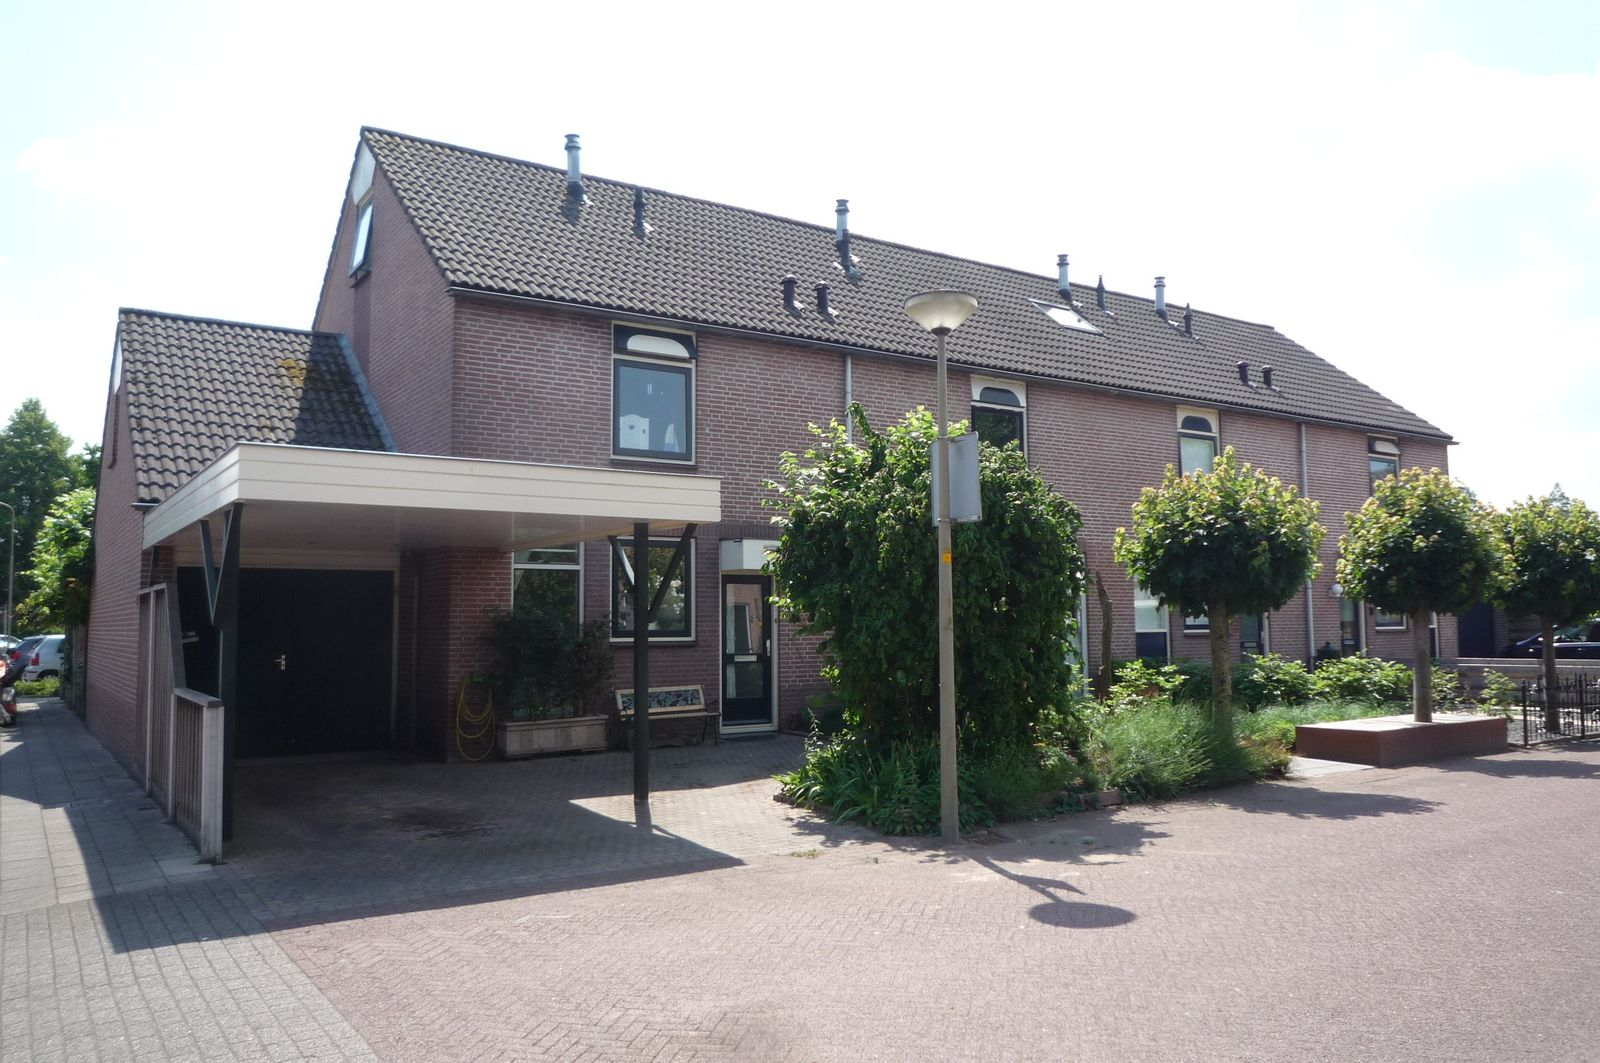 Burgemeester Stamstraat 2, Nijkerk